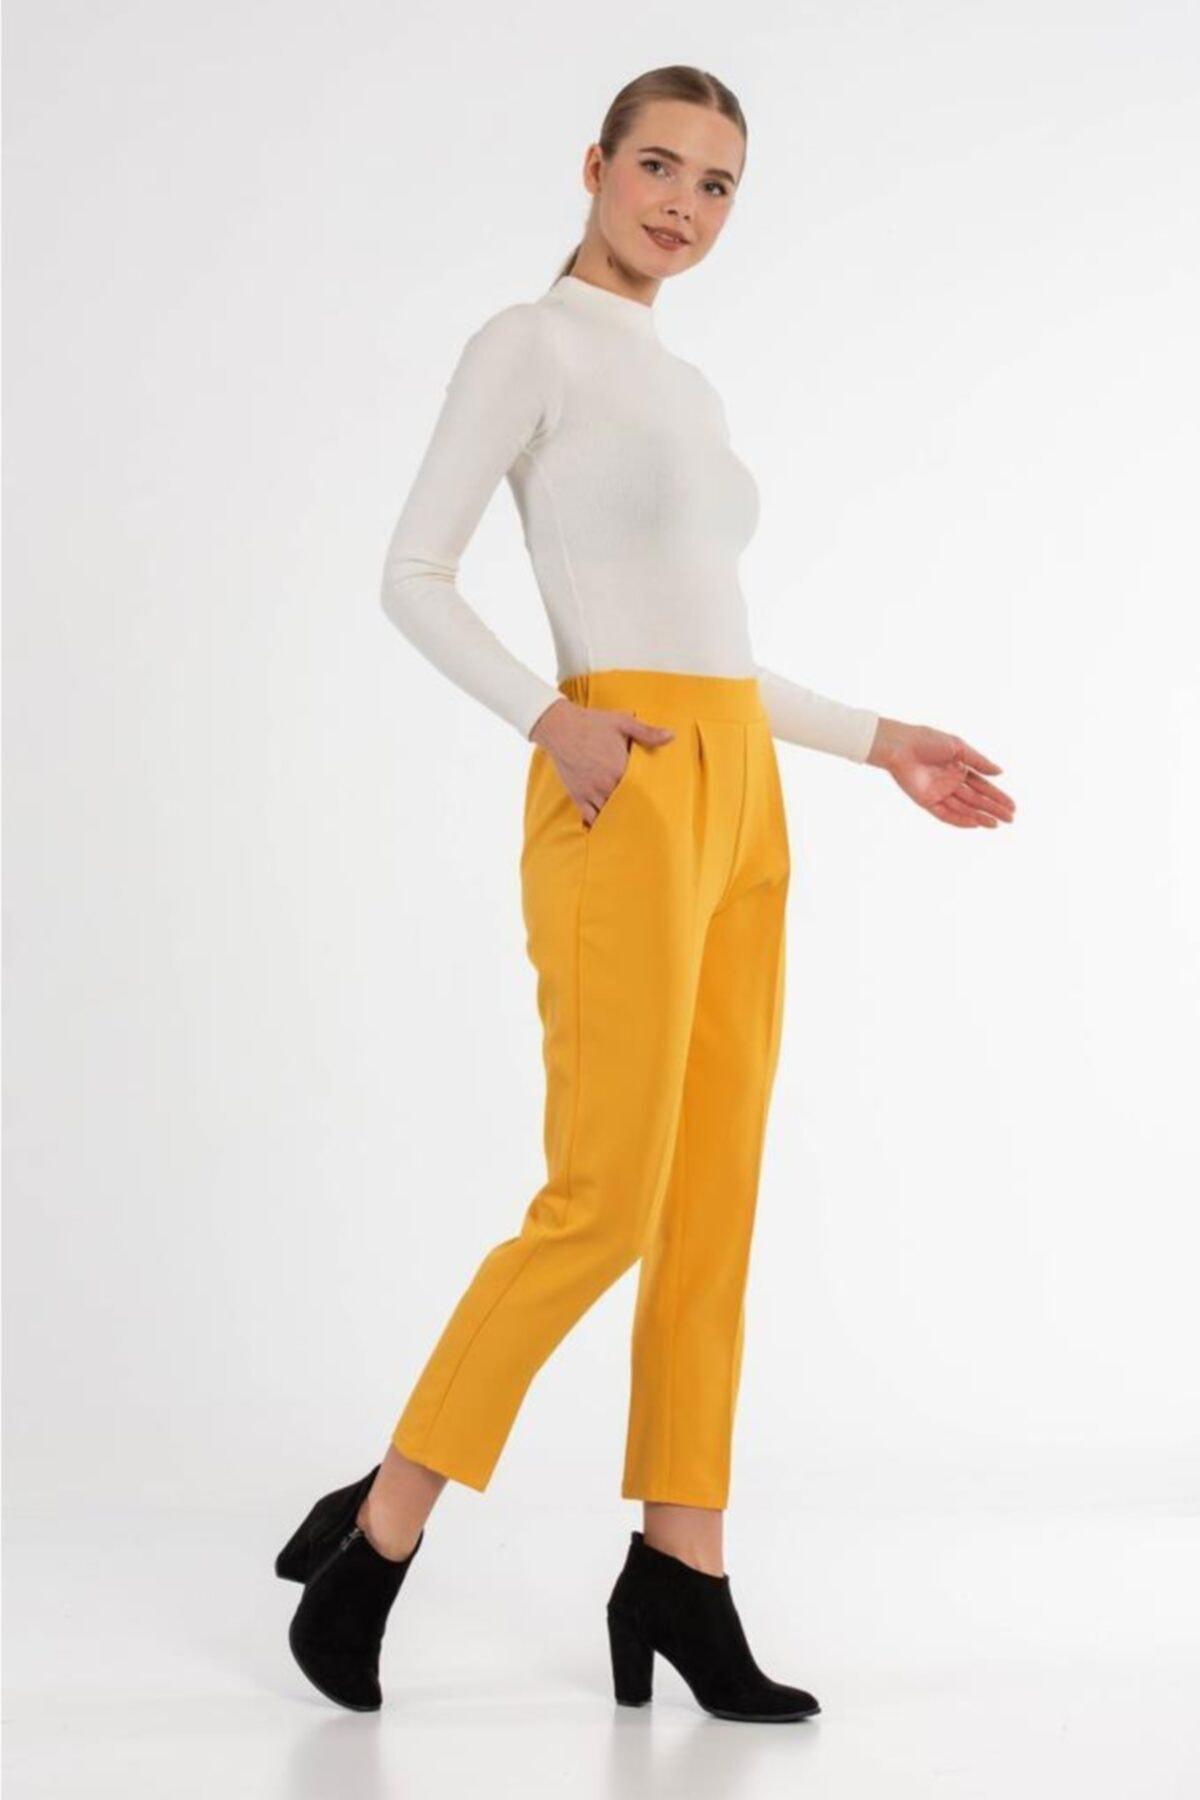 Modkofoni Belden Lastikli Sarı Bilek Pantolon 2